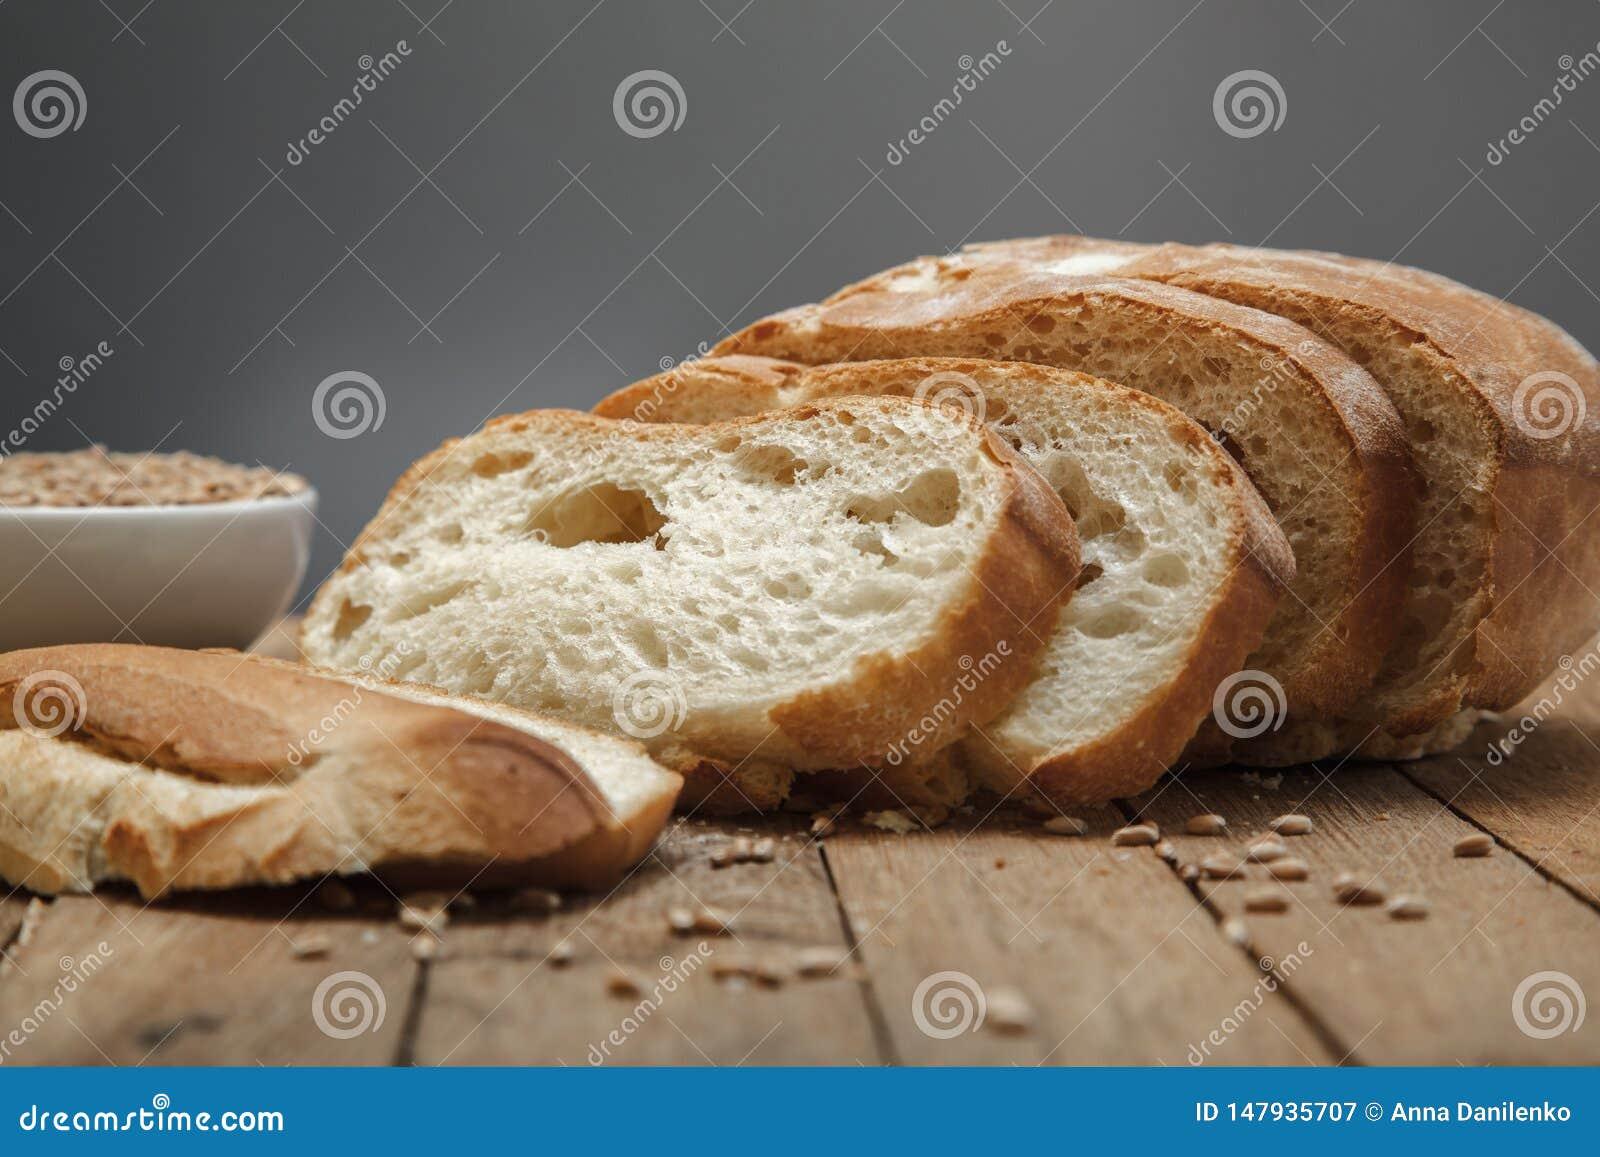 Frisches geschnittenes Brot und Getreide